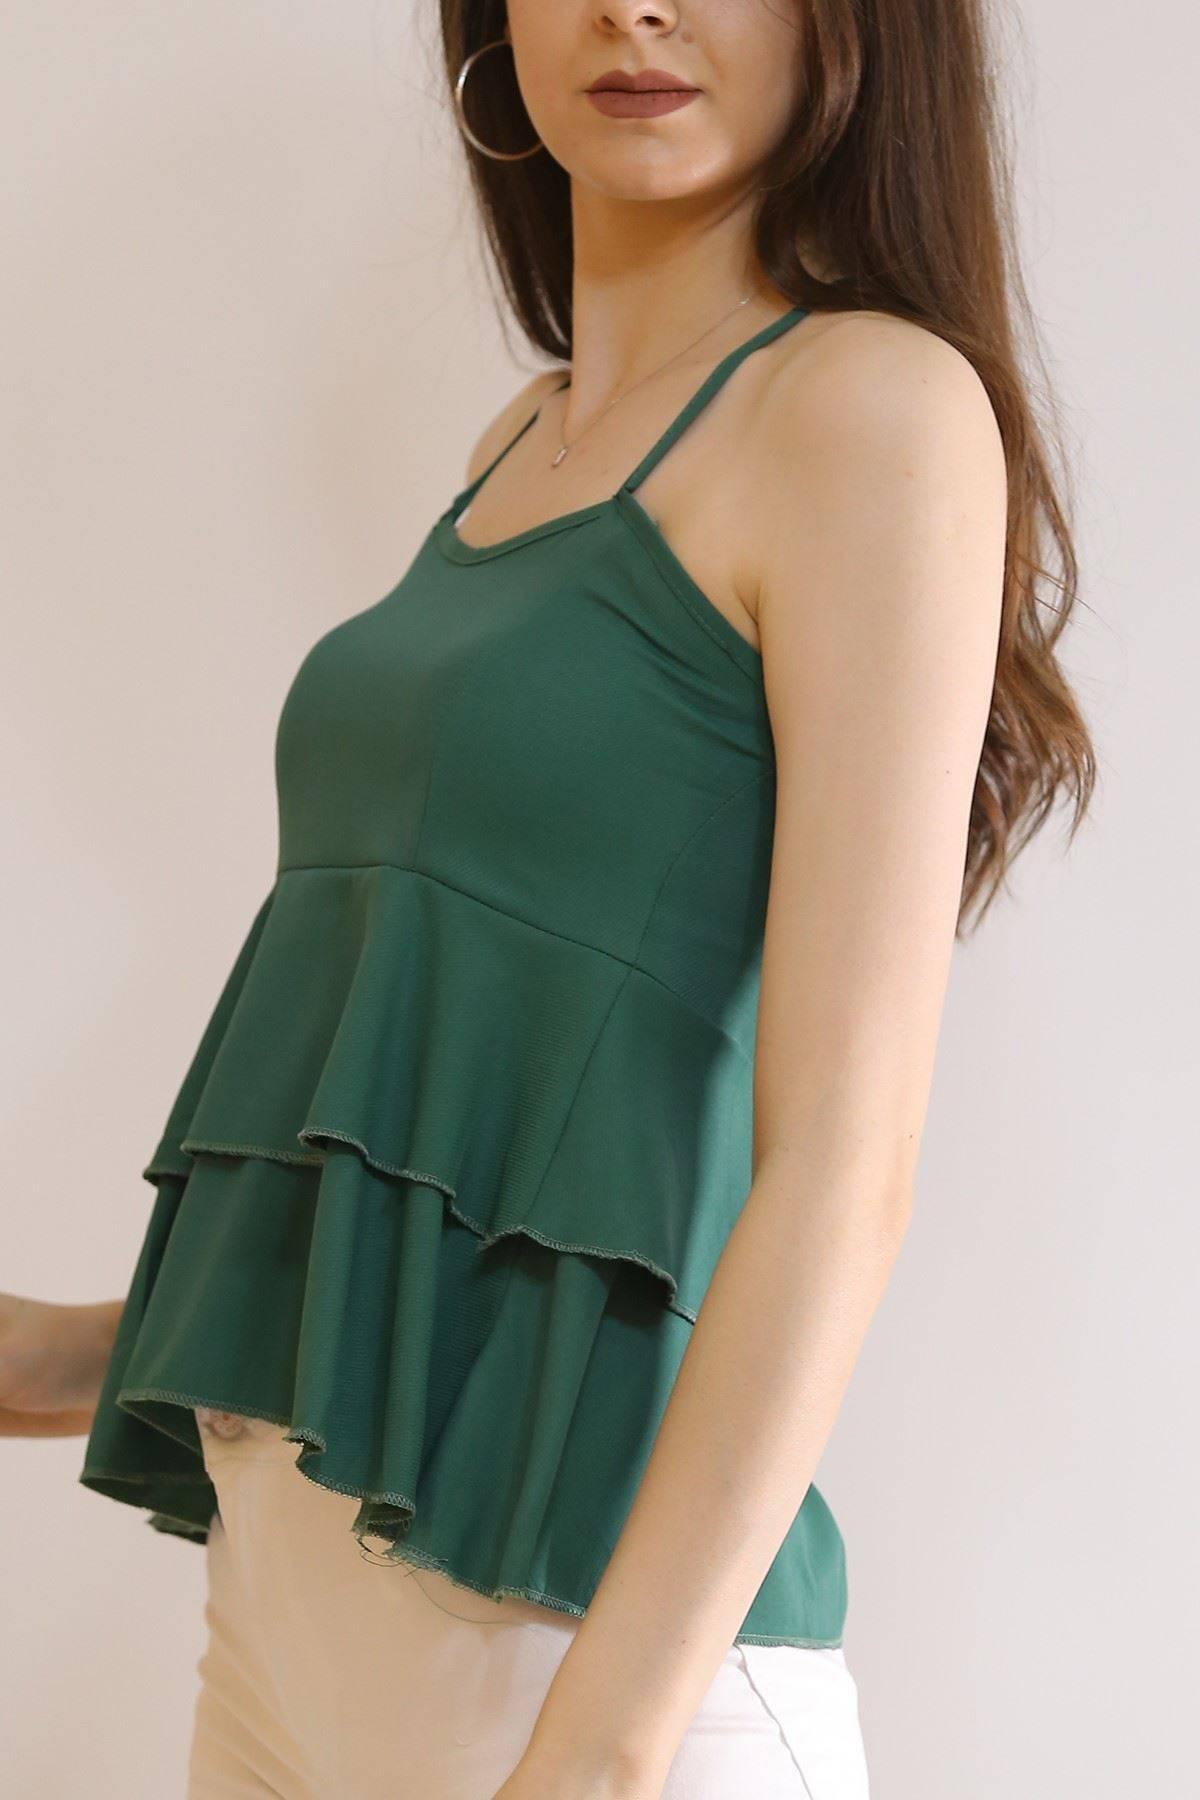 Çapraz Askılı Bluz Yeşil - 6080.1153.